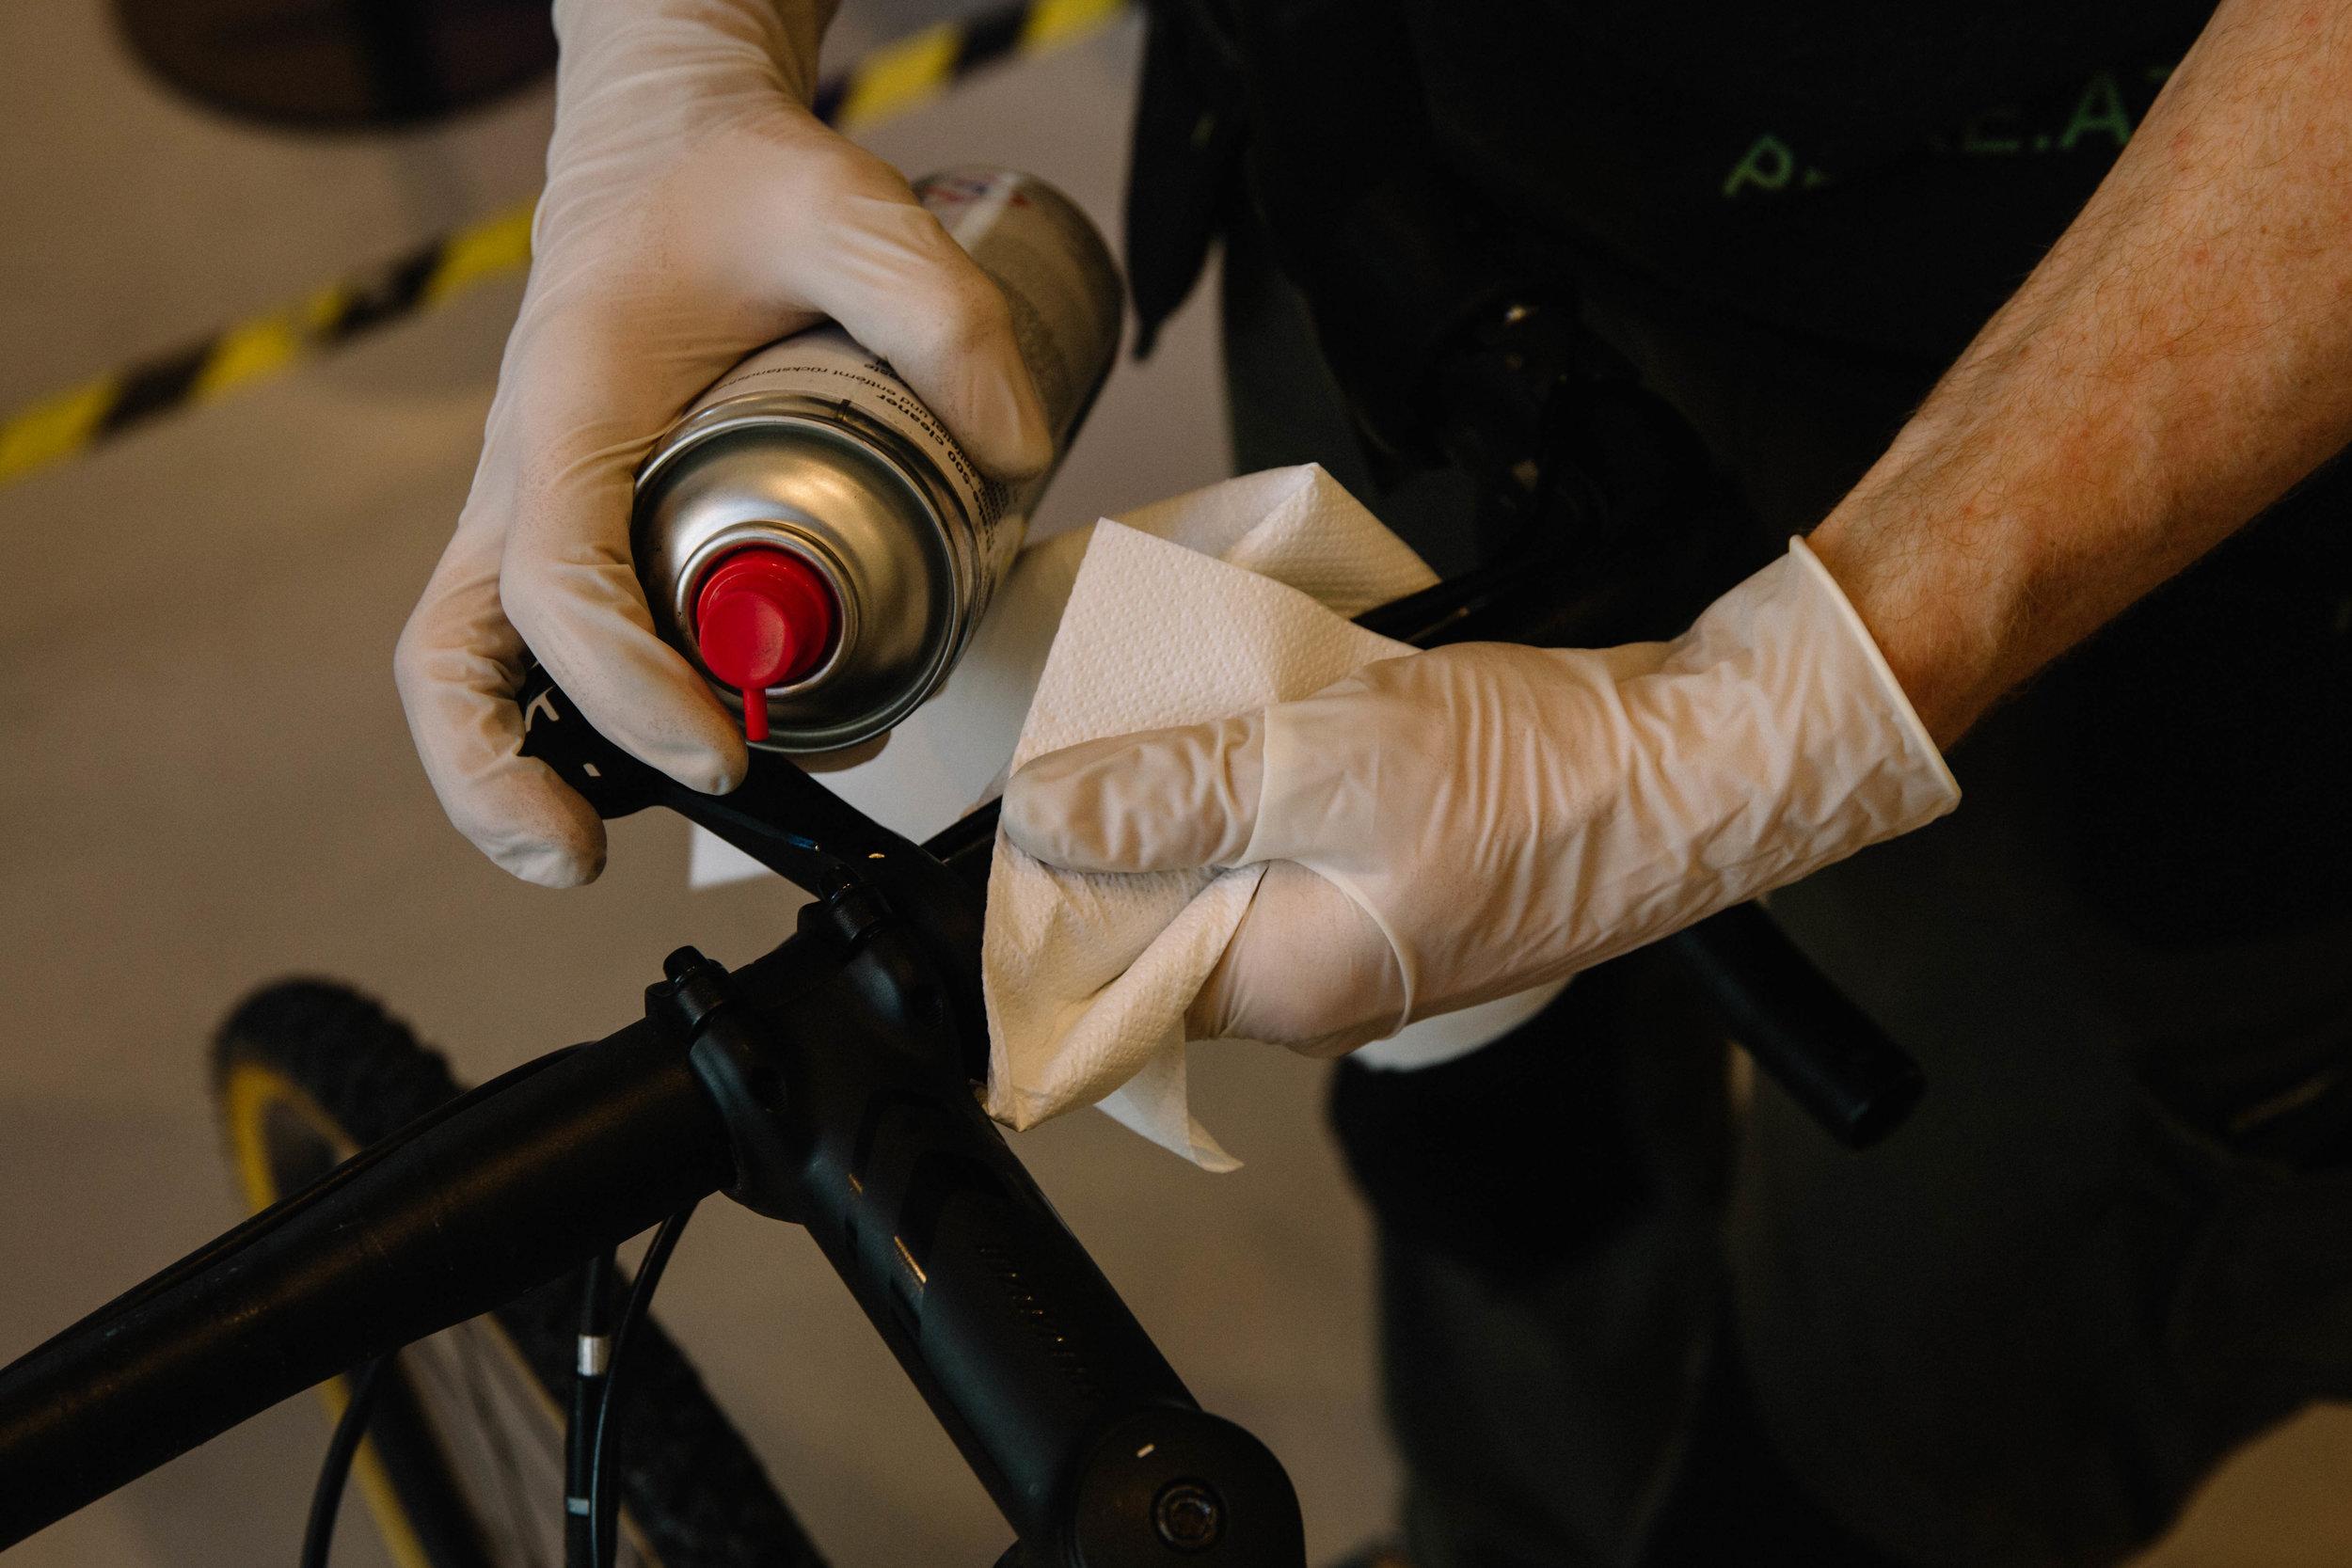 Mit Bremsenreiniger und Küchenrolle gehen diese Überreste schnell und einfach ab. Bei der Verwendung von Bremsenreiniger unbedingt Einmalhandschuhe verwenden, der Reiniger ist zwar nicht ätzend, trocknet die Hände aber extrem aus.